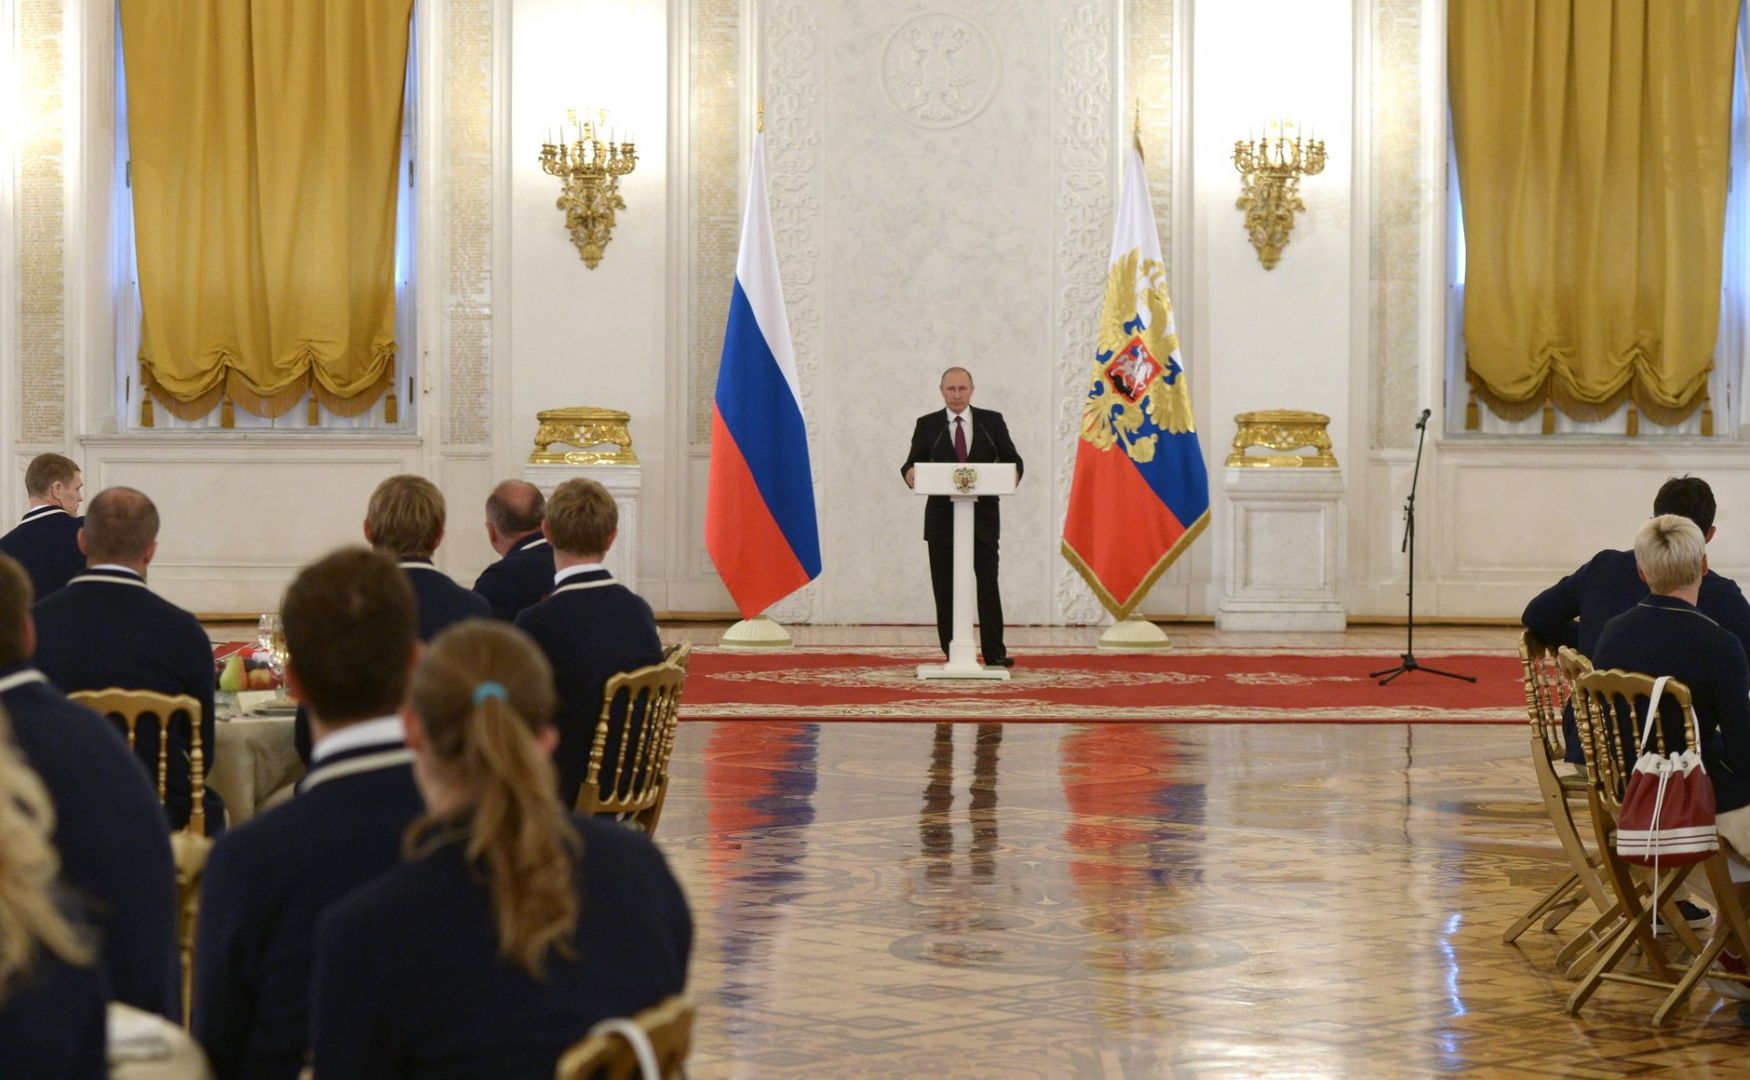 Ставропольчанка Анна Бычкова повстречалась сВладимиром Путиным